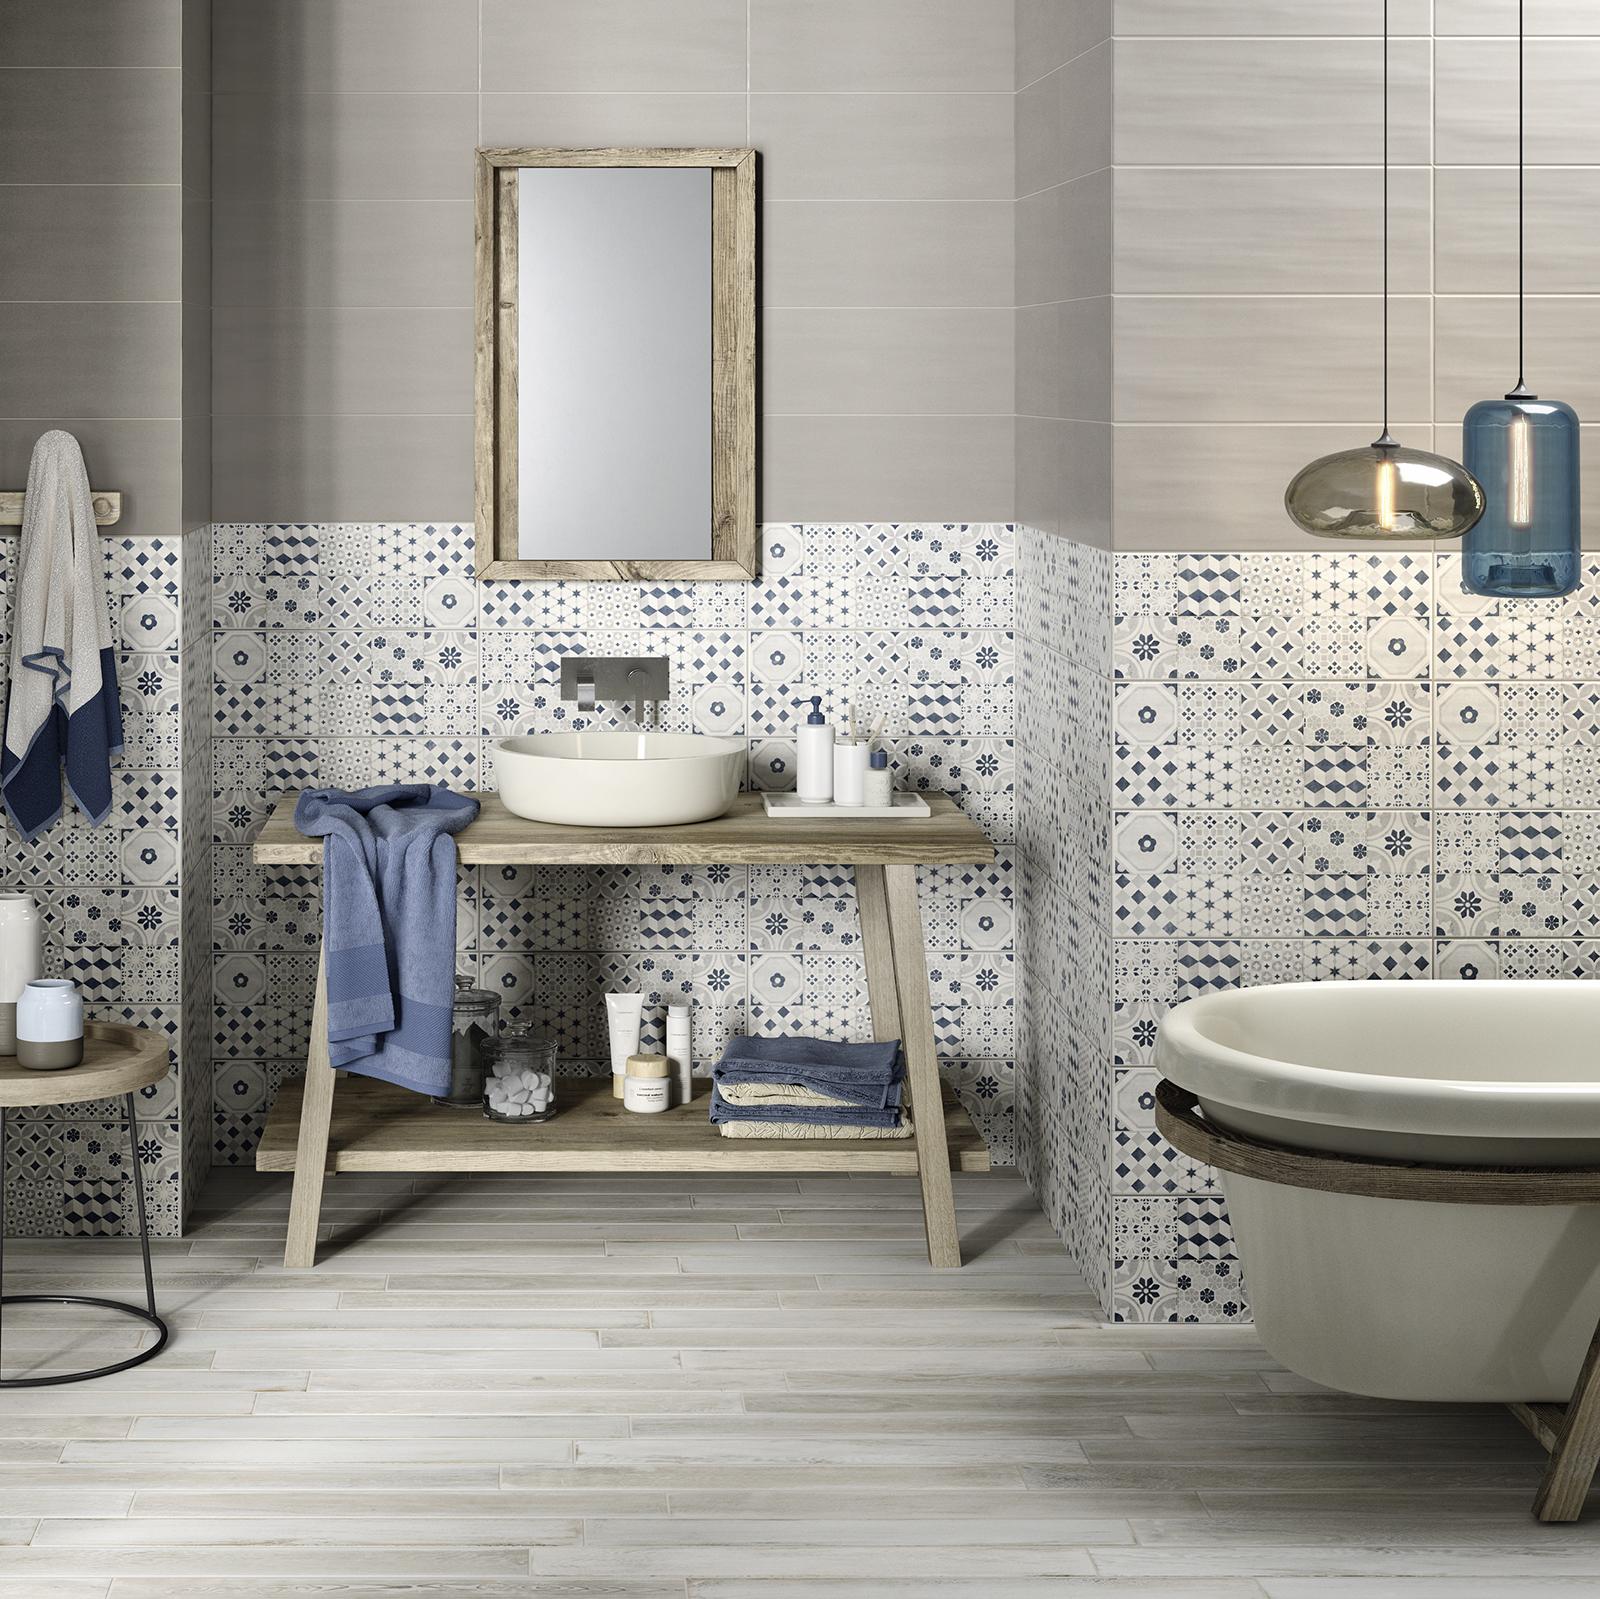 Piastrelle per rivestimenti cucina bagno doccia marazzi - Rivestimenti piastrelle bagno ...